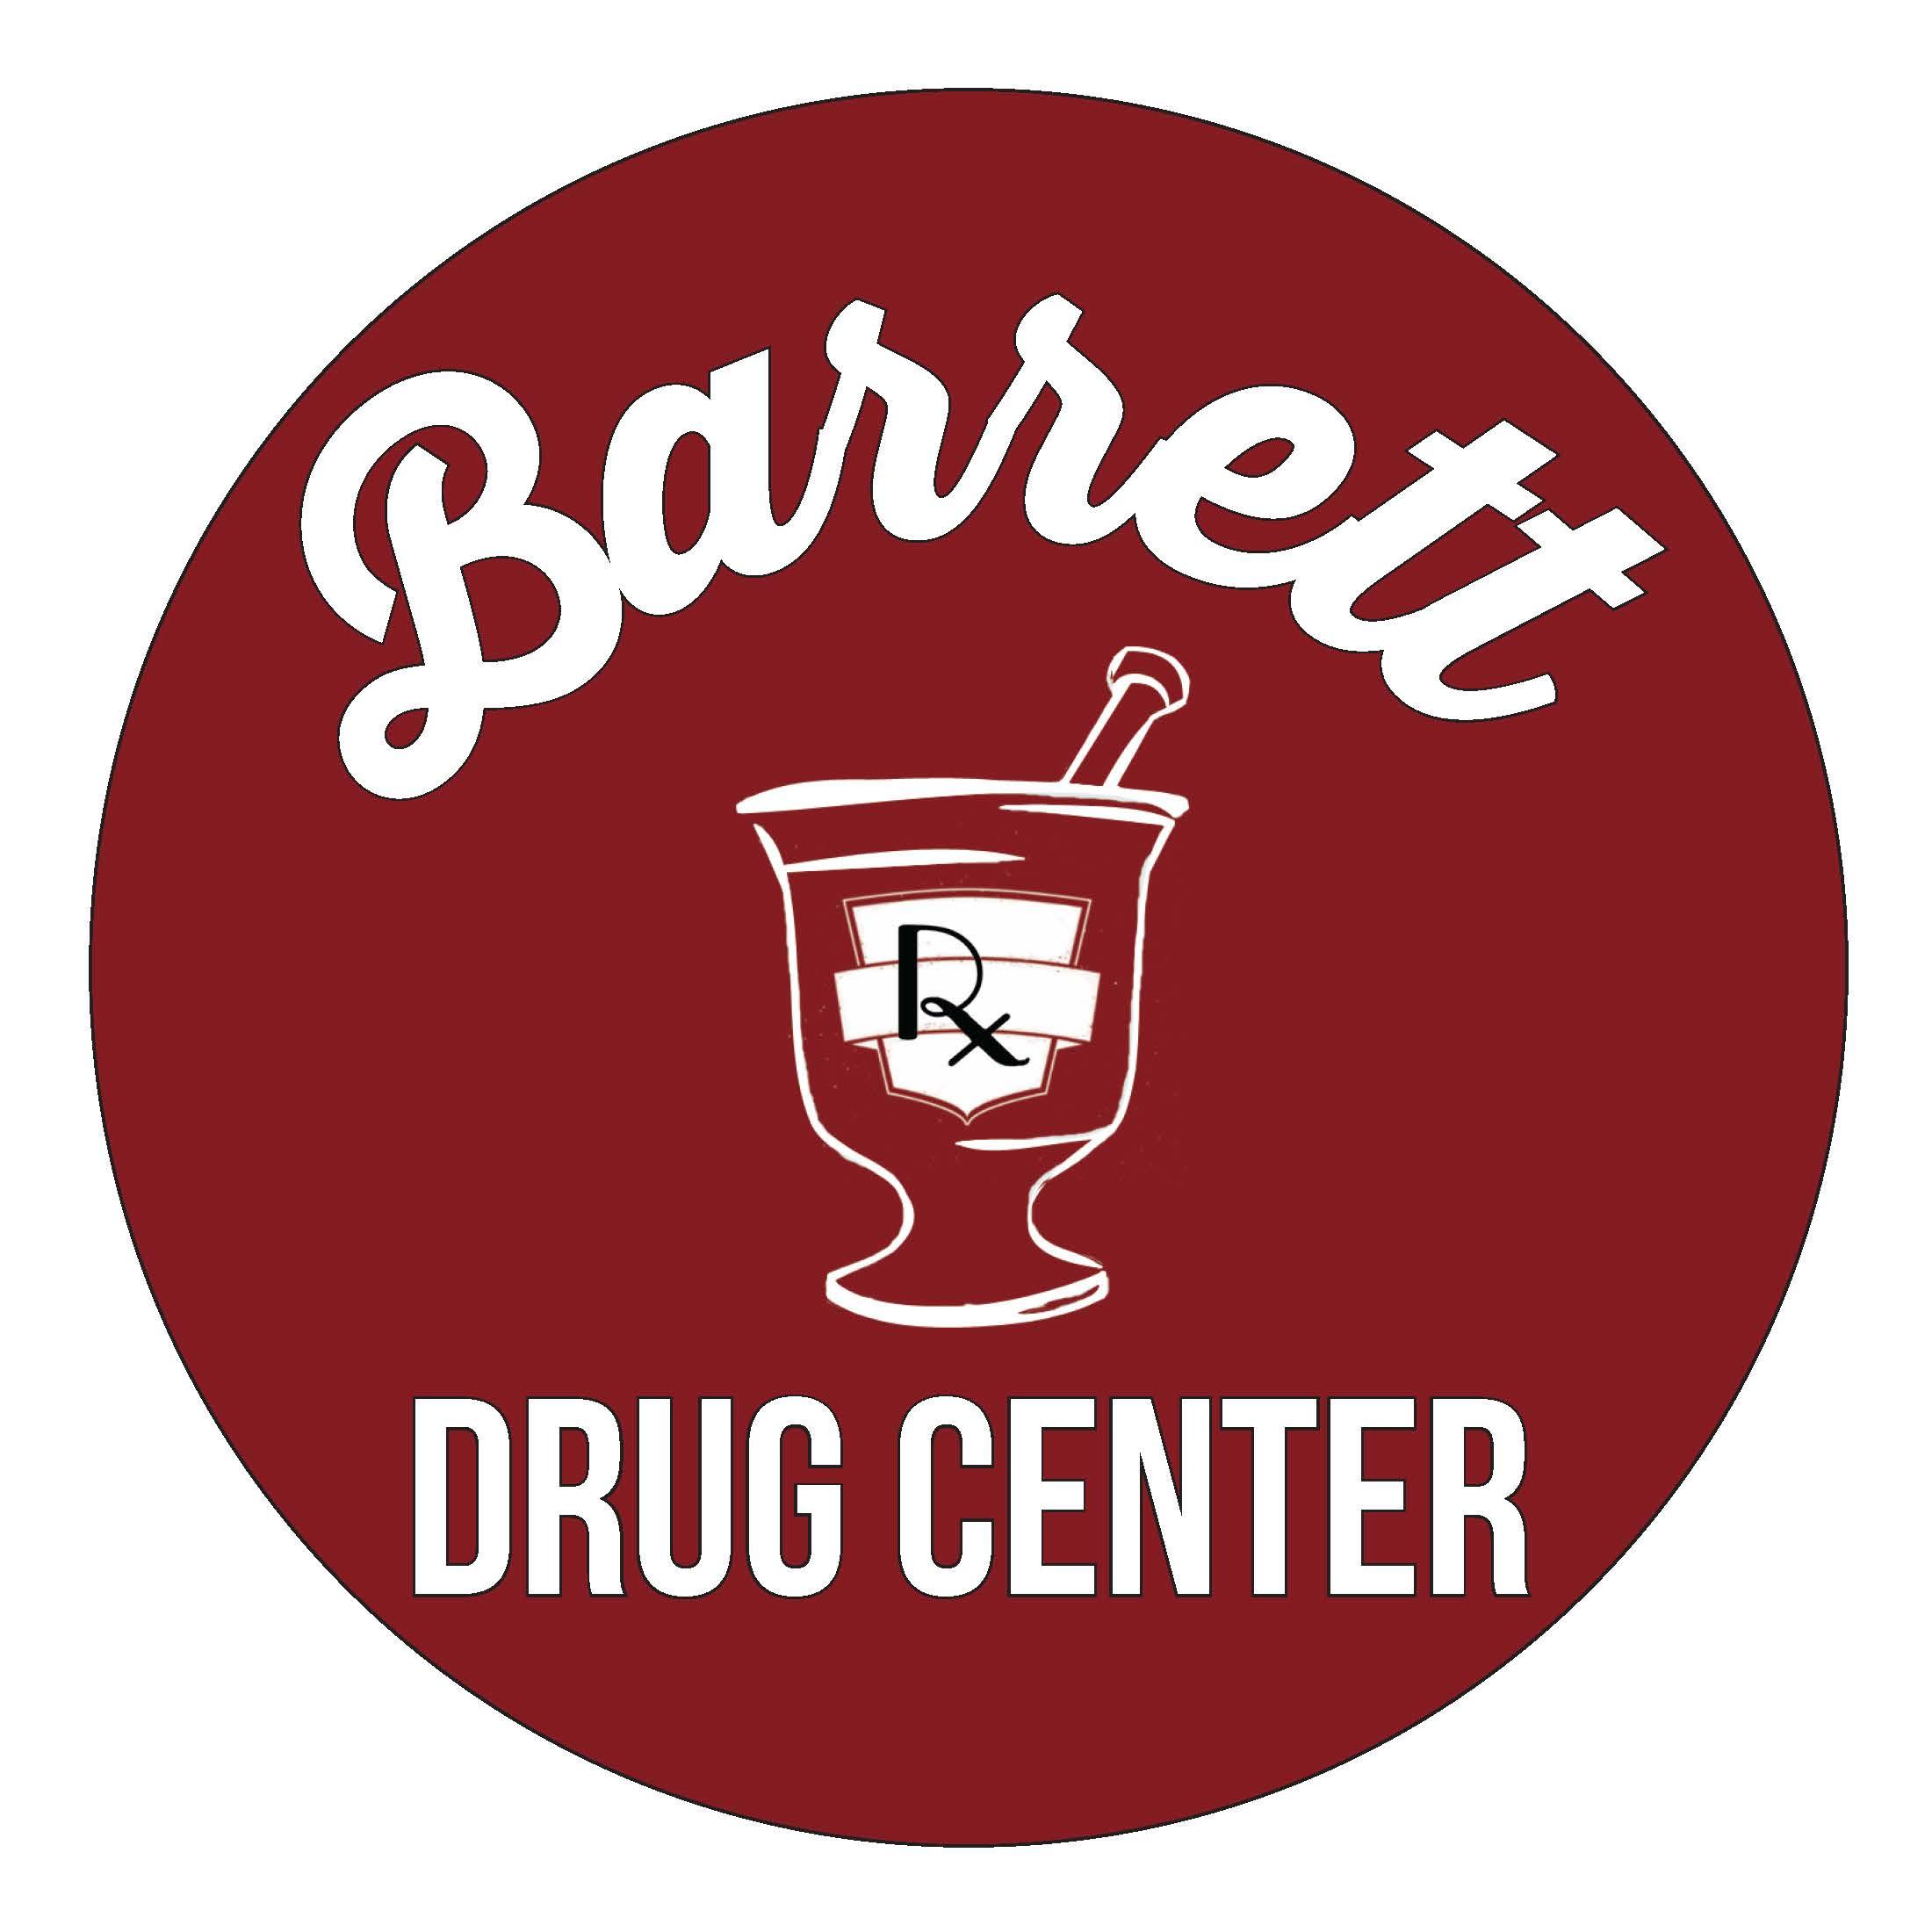 Barrett Drug Center